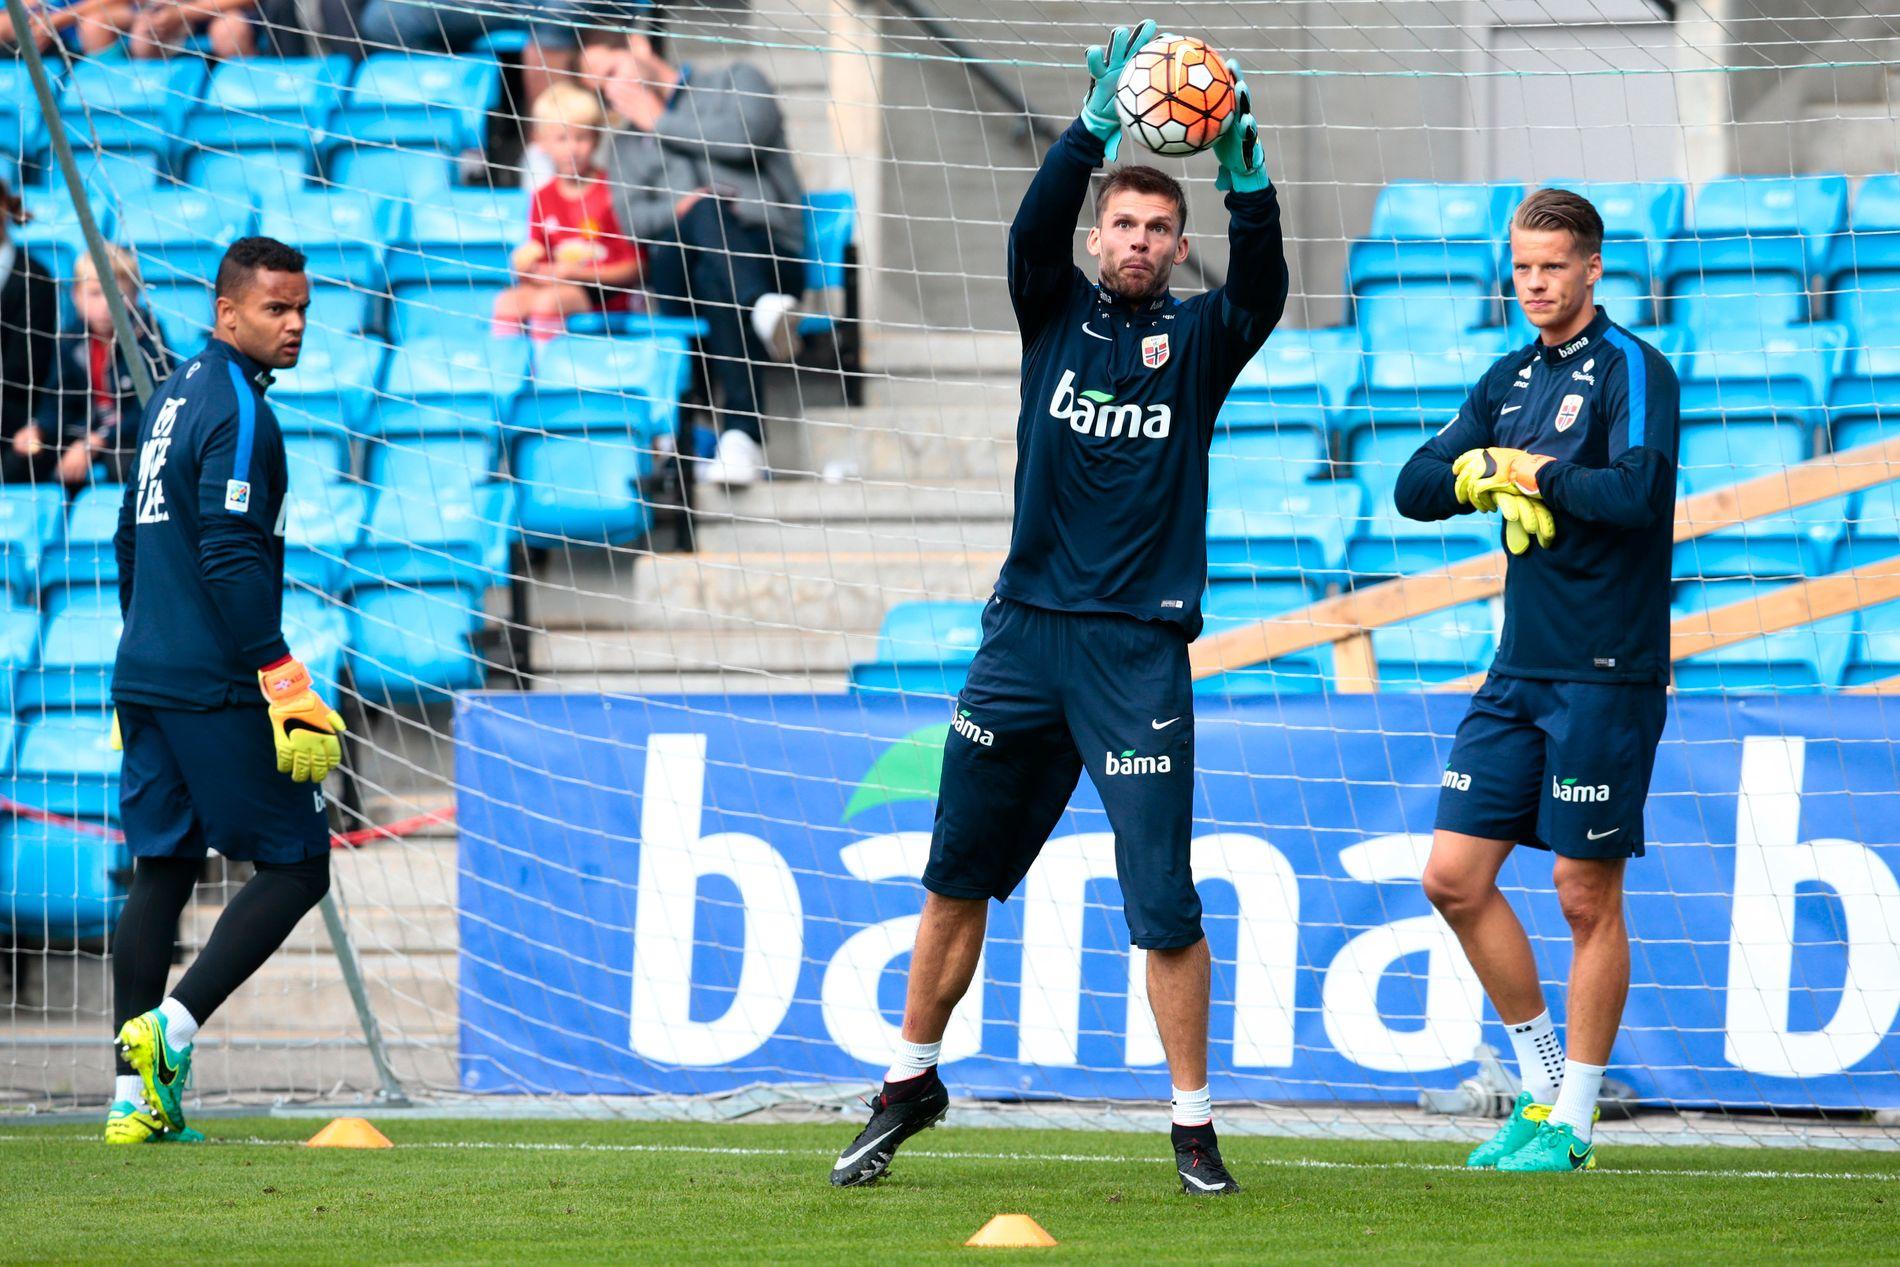 SIKRE HENDER: Rune Almenning Jarstein med sikkert grep på en tidligere landslagstrening, overvåkes av Sten Grytebust (til venstre) og Ørjan Håskjold Nyland.